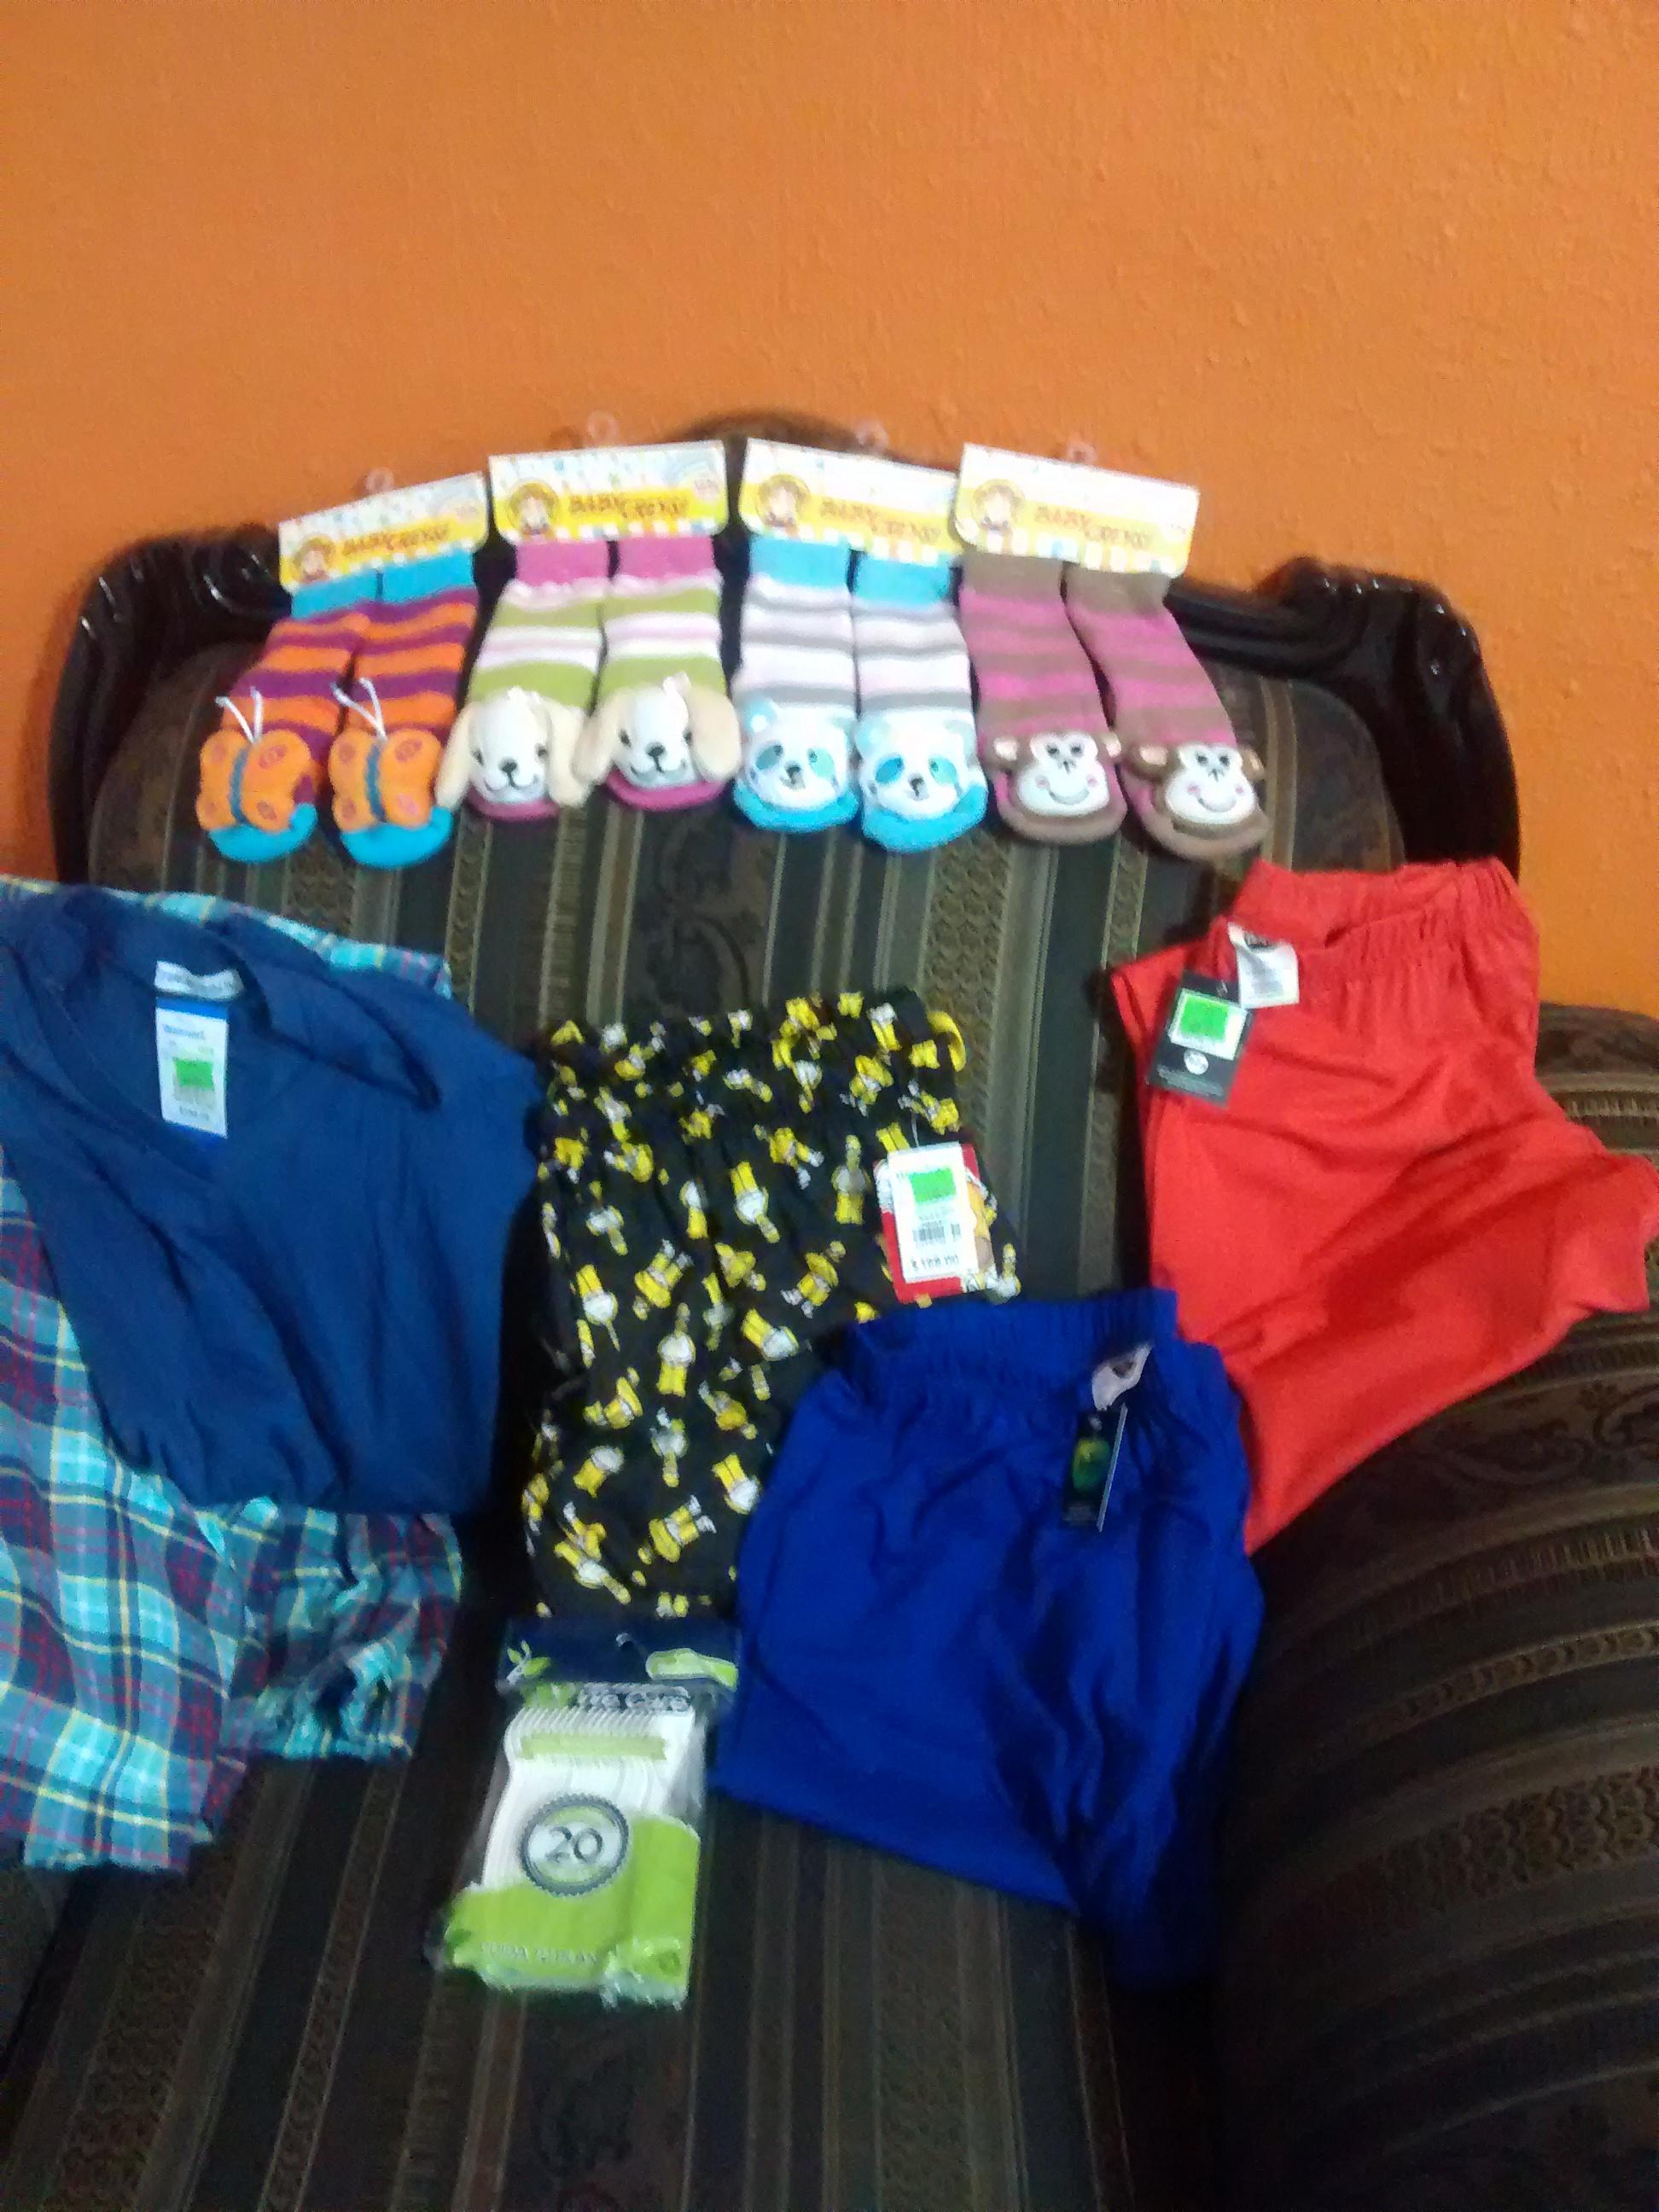 Walmart Fuentes Mares Chihuahua: Varias liquidaciones,  pijamas,  cuchara y más